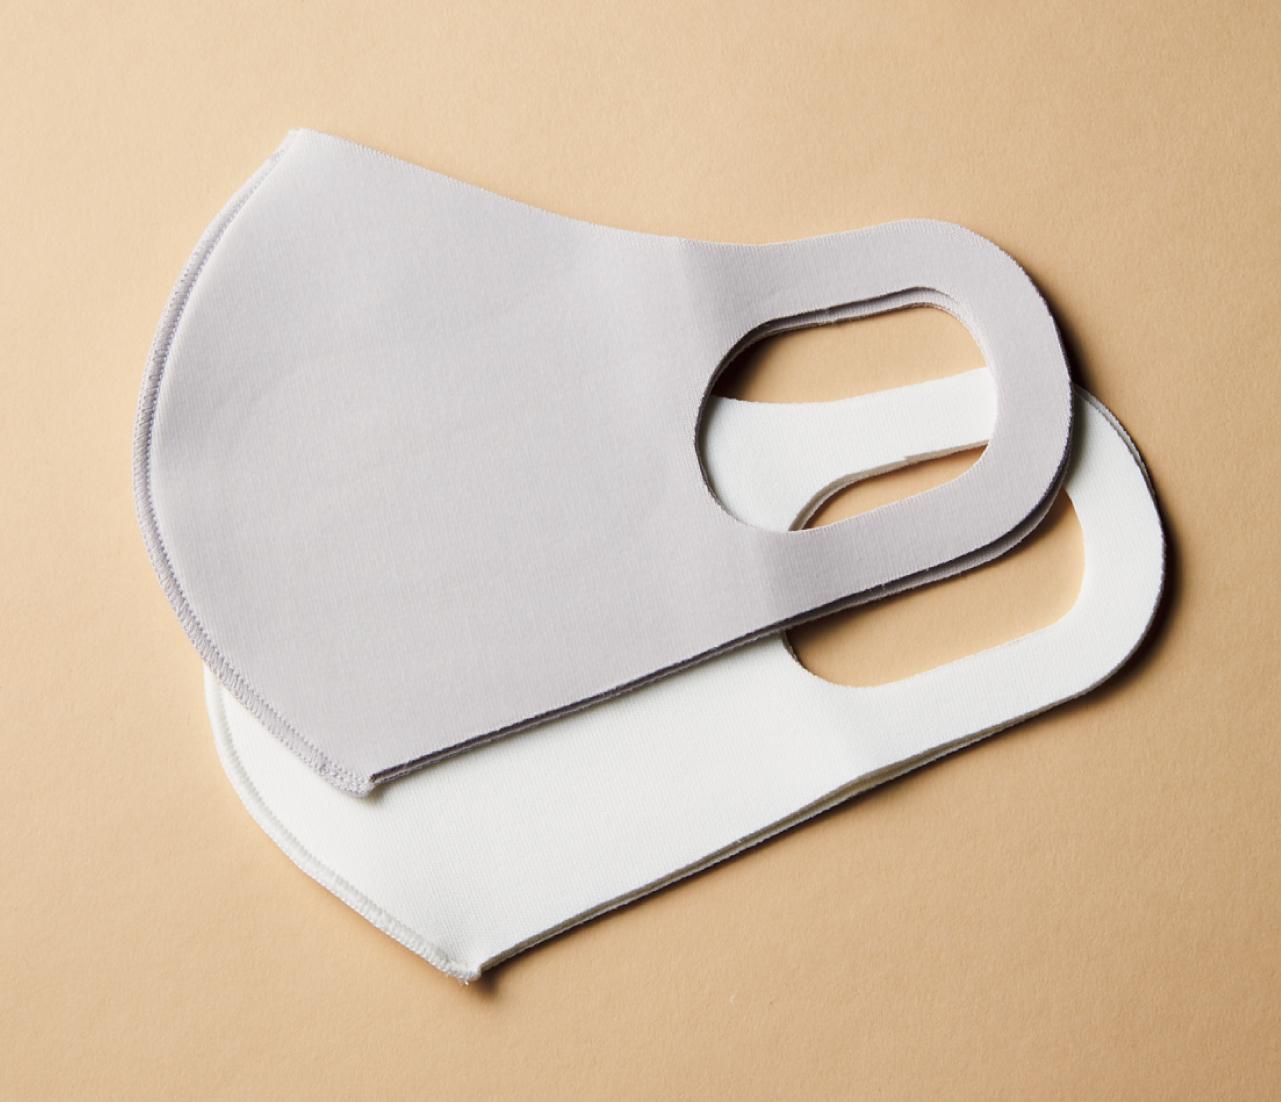 帝人フロンティア/エアロカプセル使用 抗ウイルス加工マスク 全2色 同色2枚入り 各¥1,320